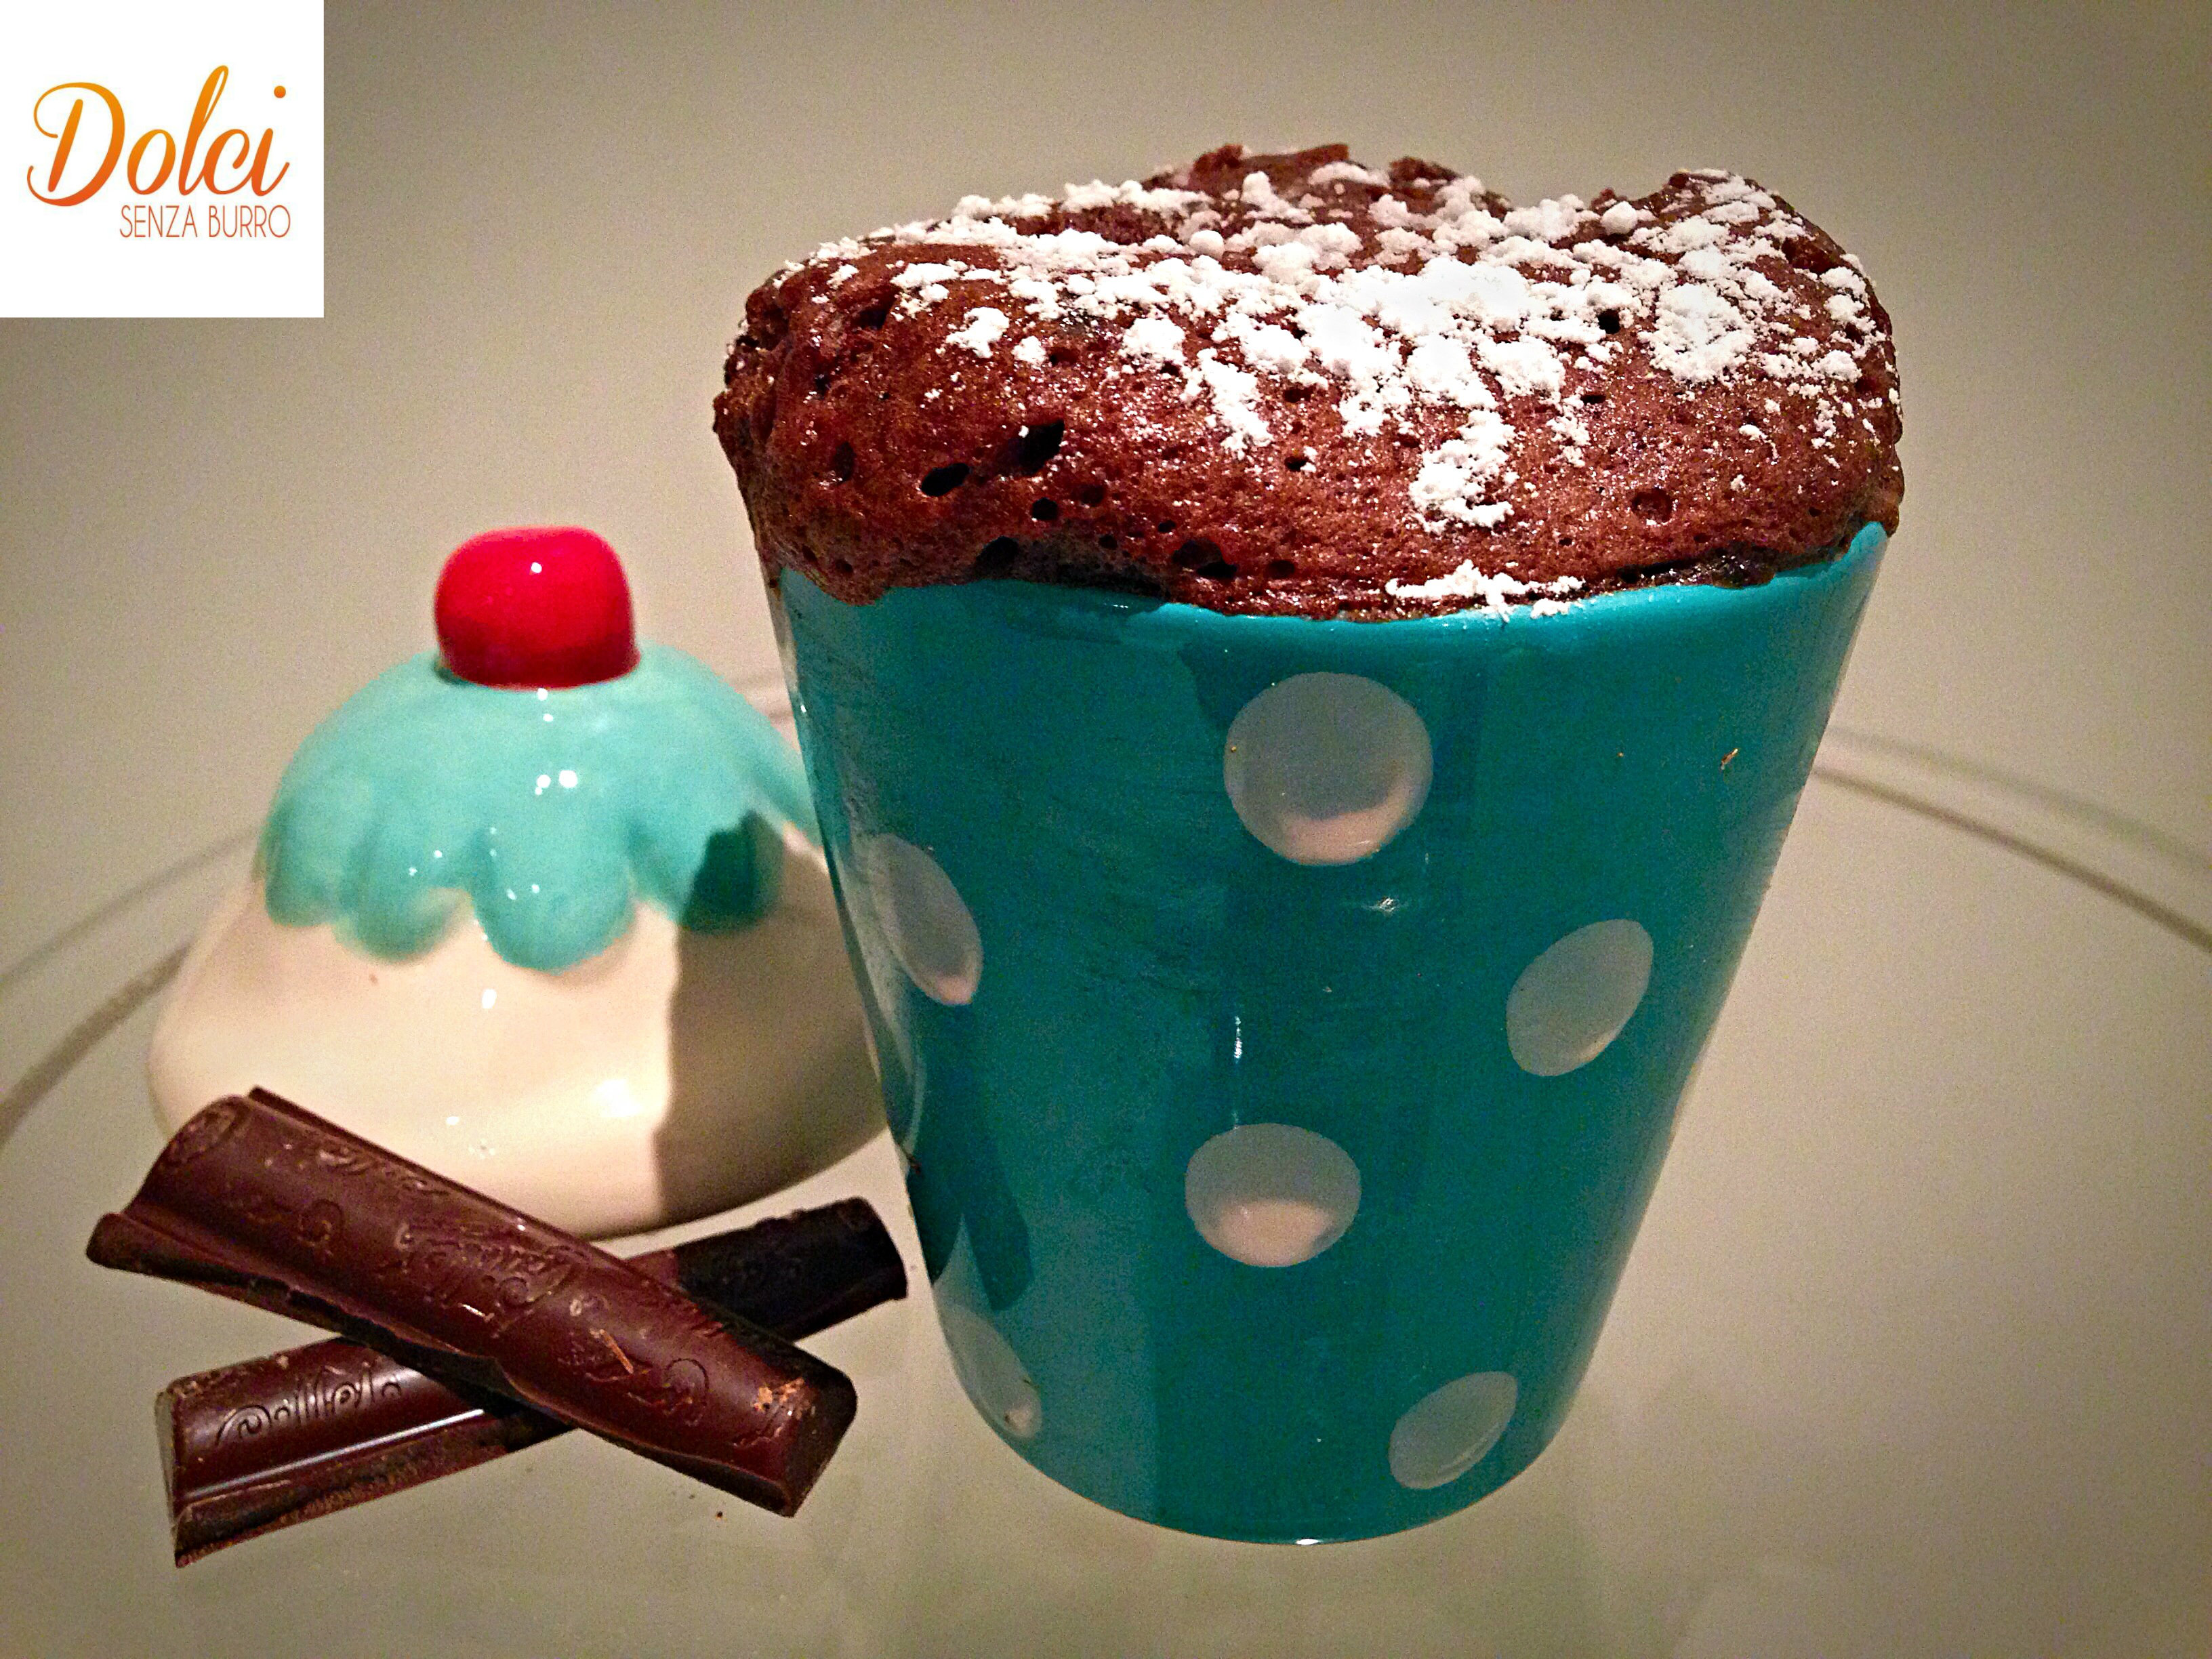 La Mug Cake light al Cioccolato è la torta al microonde più facile e veloce che esista di dolci senza burro